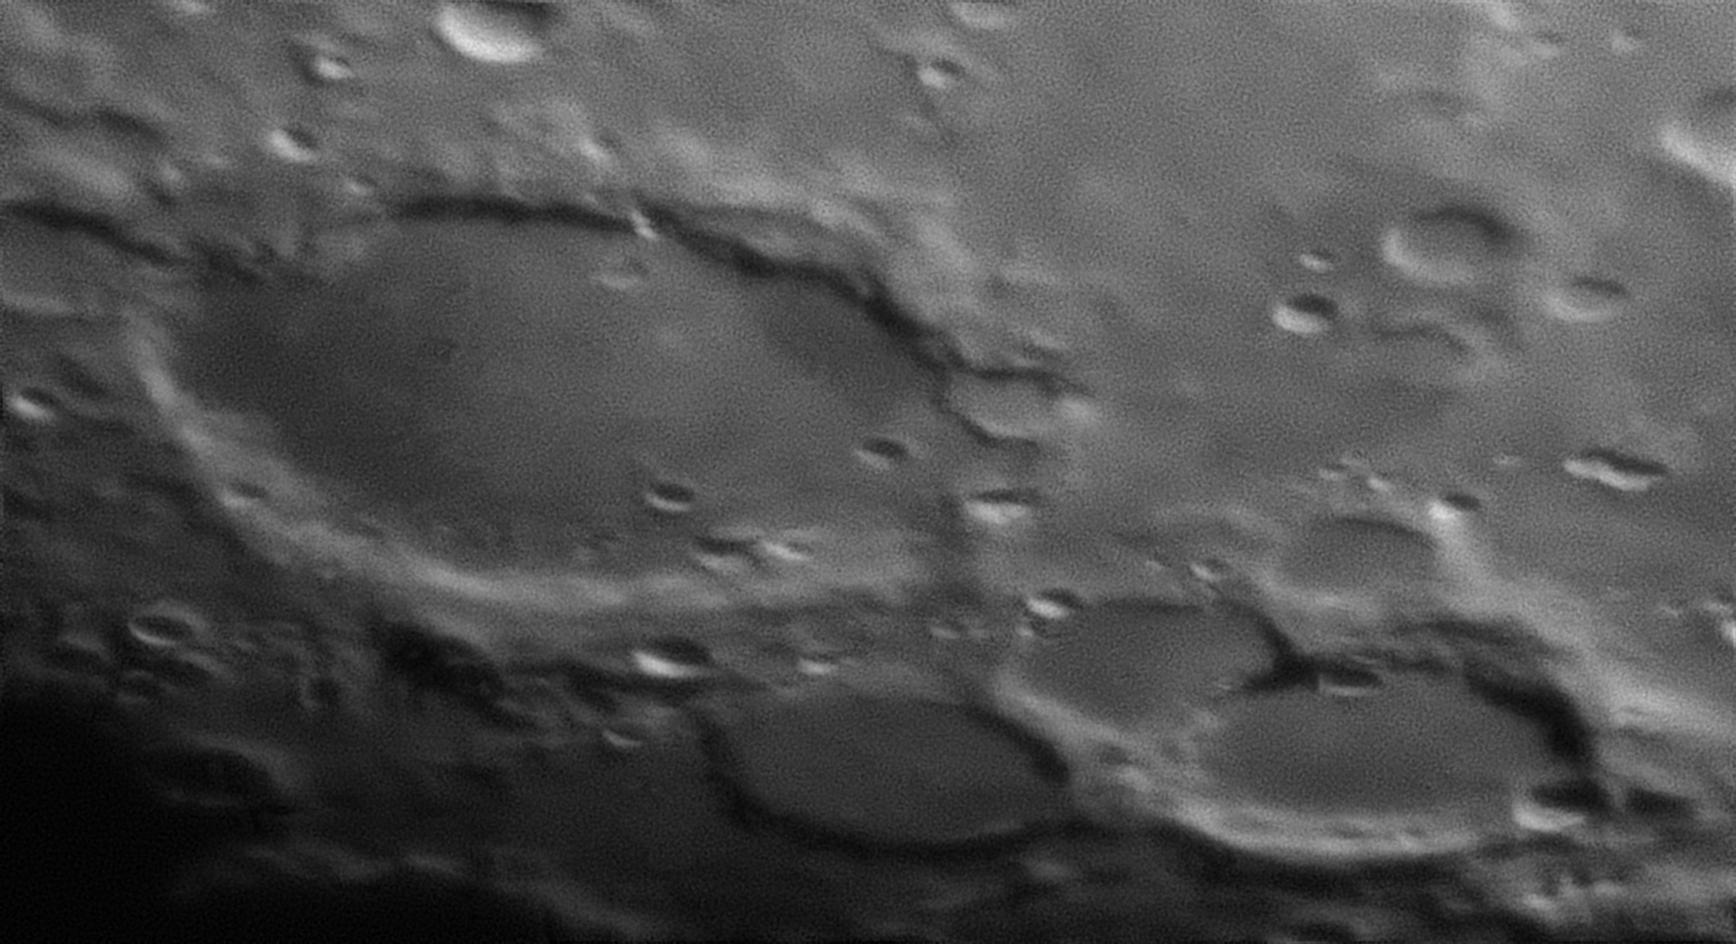 2021-02-24-2138_4-IR-Moon_lapl5_ap586_AS_schickard.png.c86d943010c43a0dfa910e6f86e08811.png